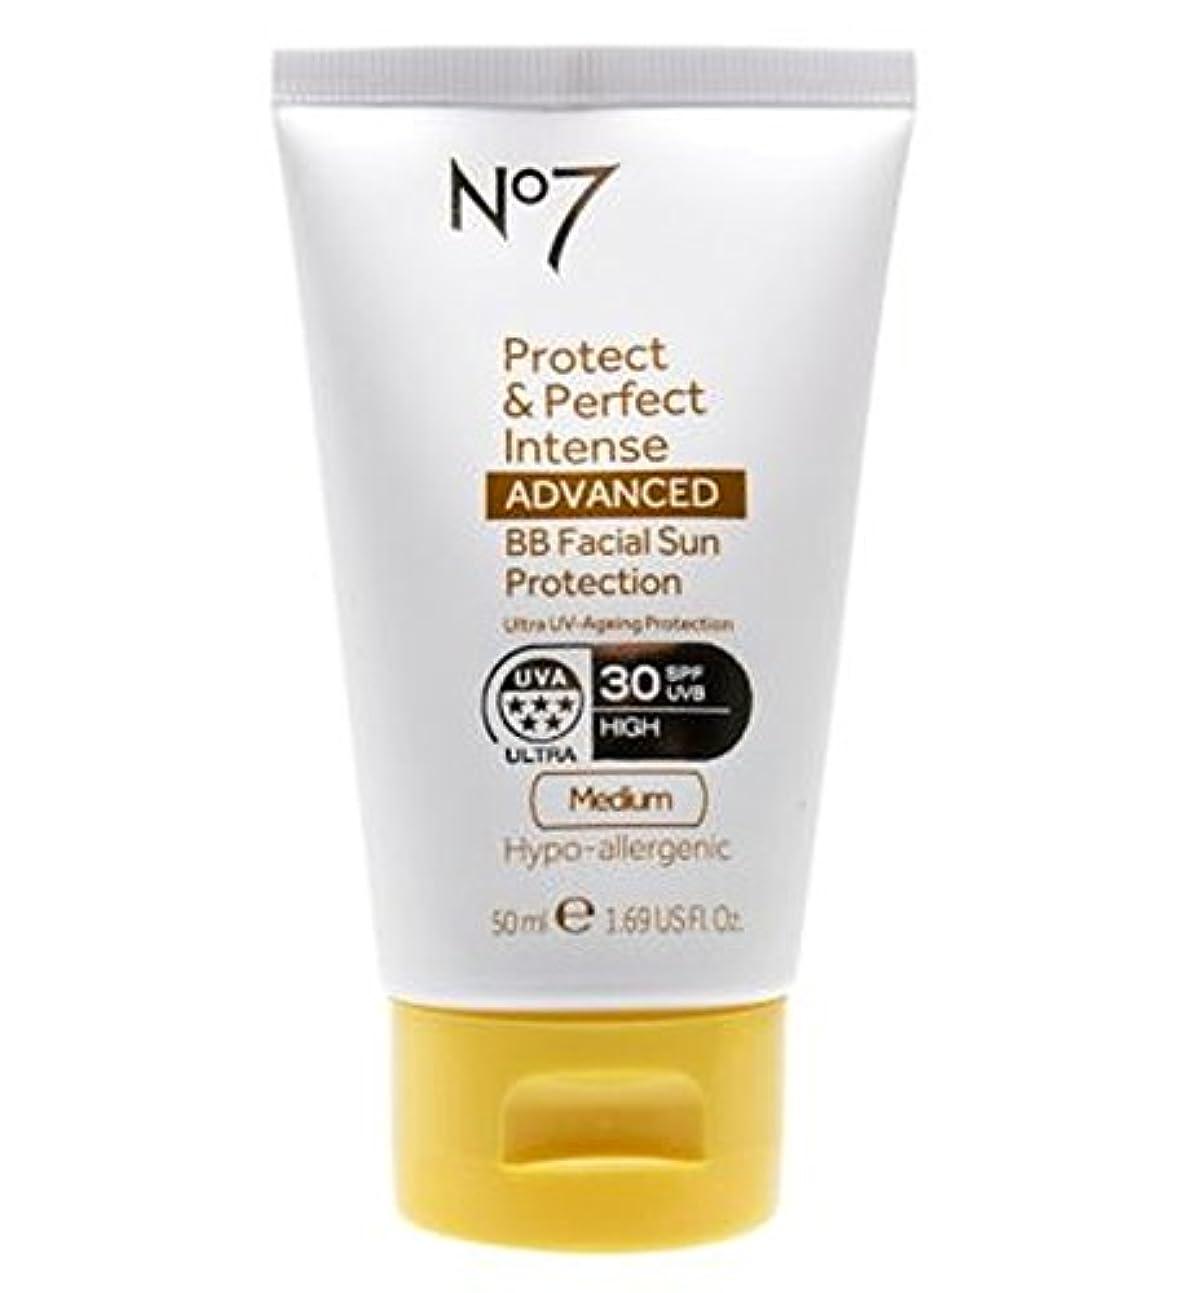 アナリスト受ける腰No7 Protect & Perfect Intense ADVANCED BB Facial Sun Protection SPF30 Medium 50ml - No7保護&完璧な強烈な先進Bb顔の日焼け防止Spf30...